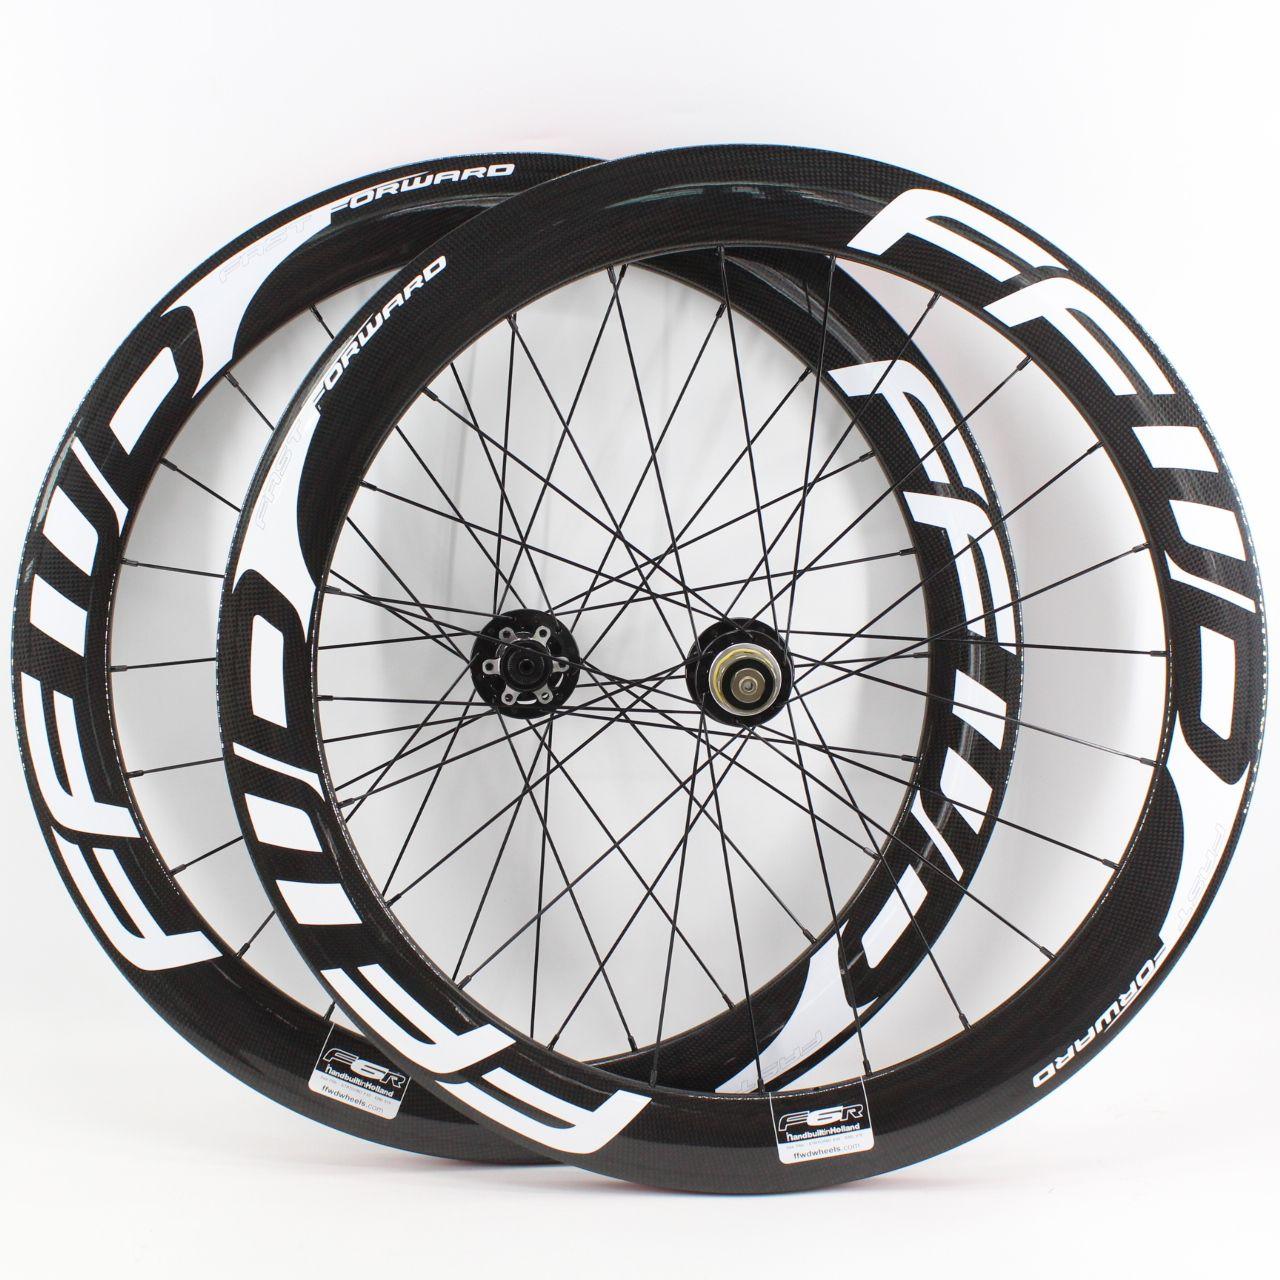 Новейший 700C 38/50/60/88 мм дорожный велосипед 3 к UD 12 к полный углерода велосипед колесная пара углерода трубчатые клинчер бескамерные диски дисковый тормоз ступицы Бесплатная доставка